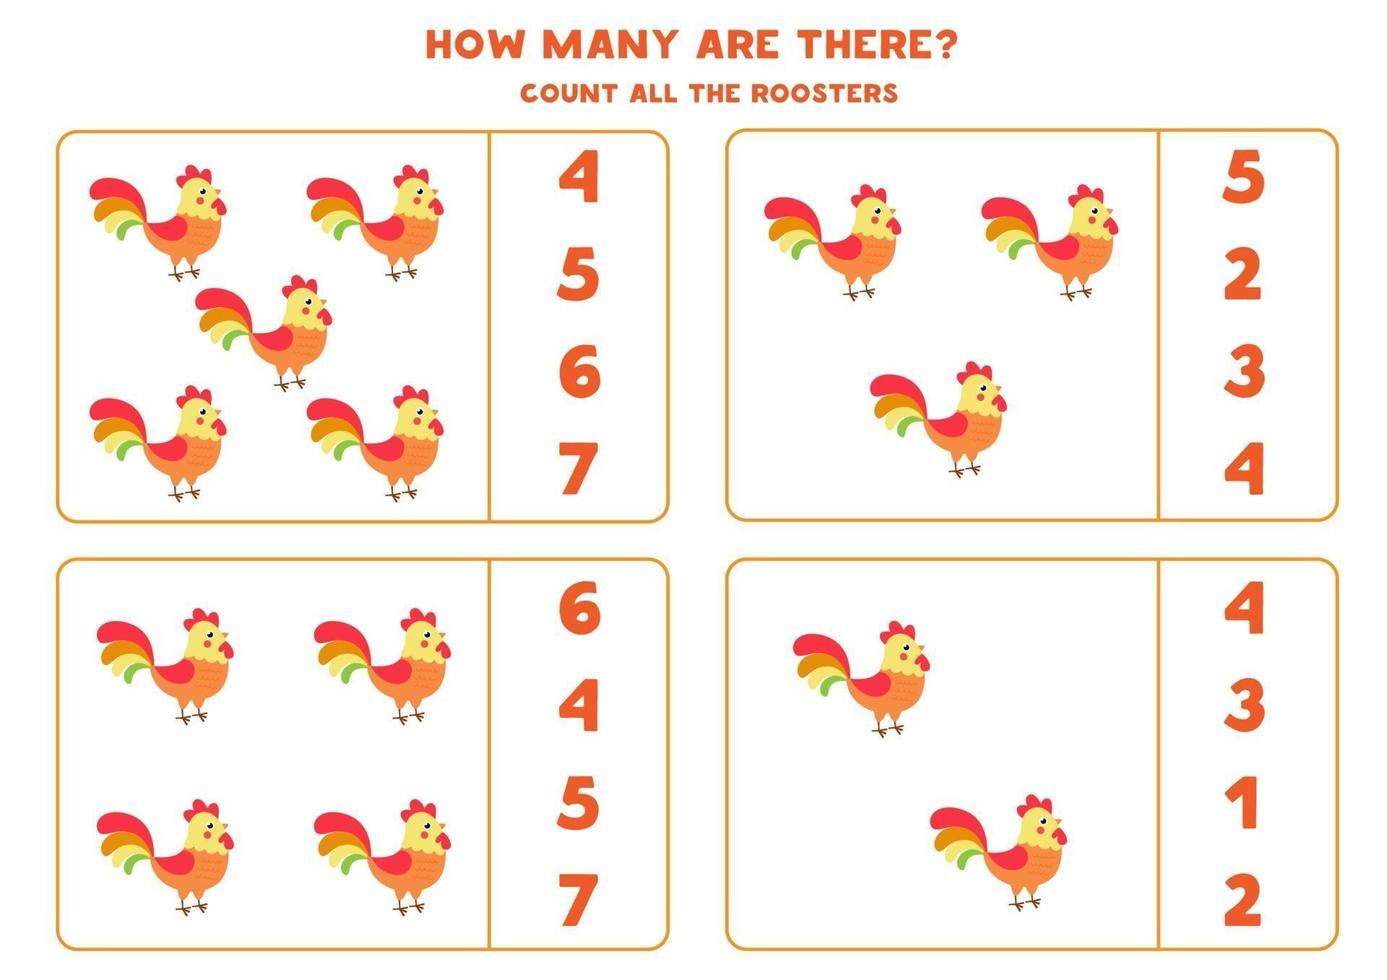 tellen spel voor kinderen. wiskundig spel met cartoon hanen. vector